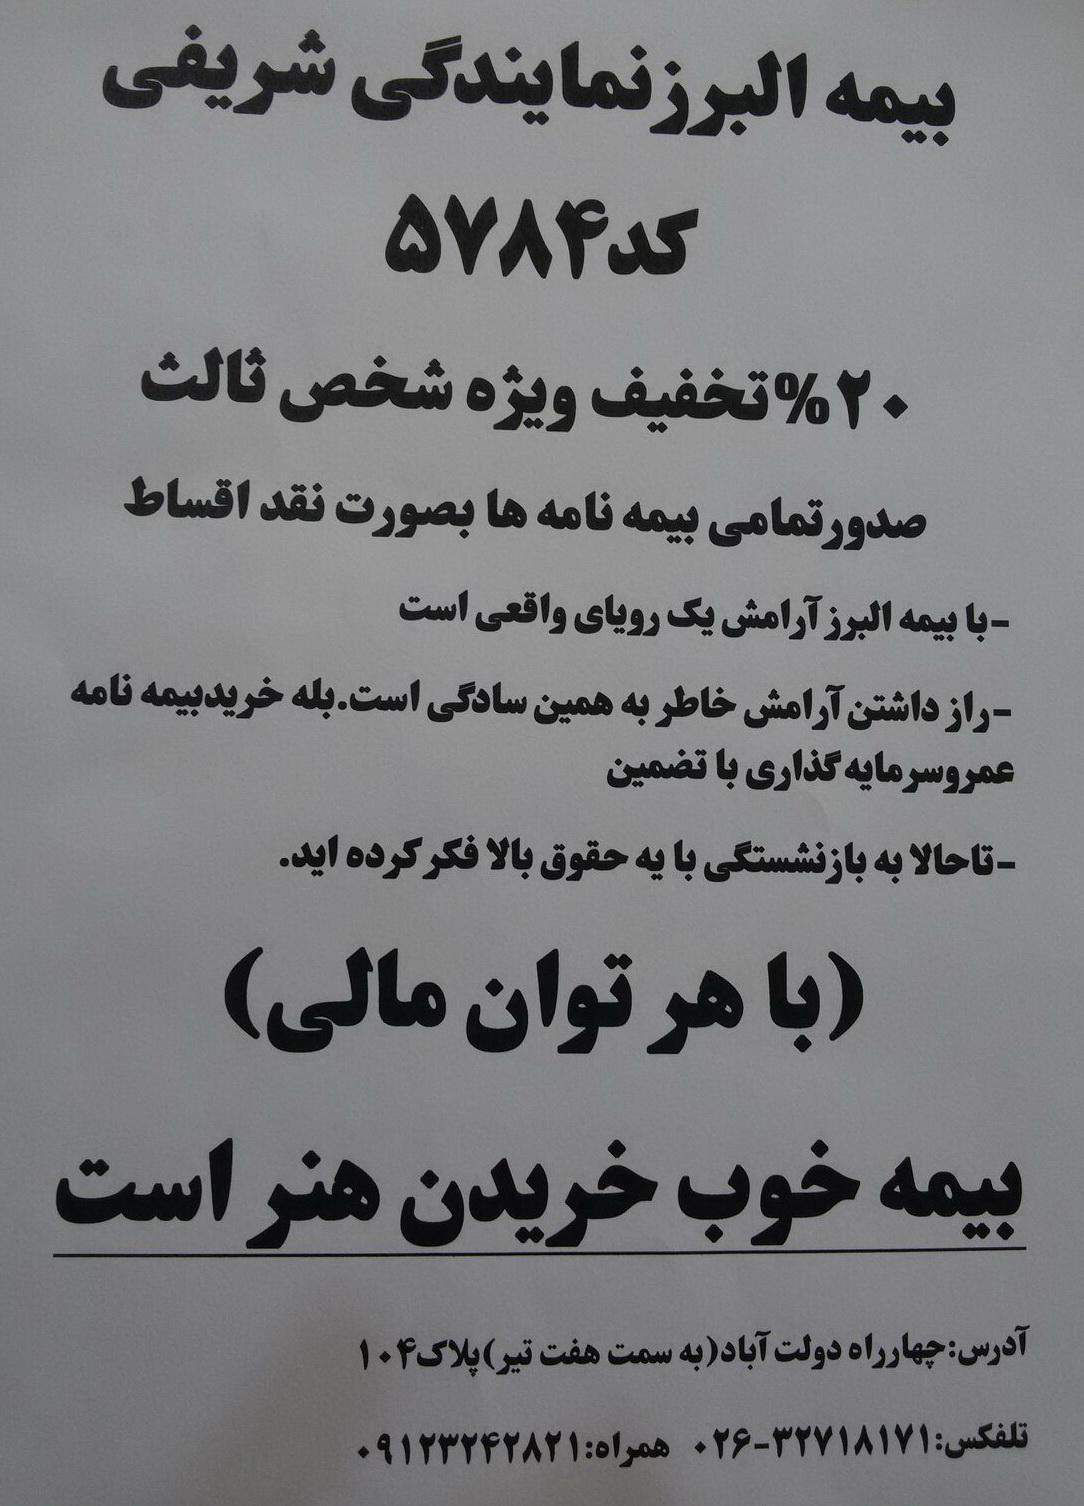 Hasan Anzeige2